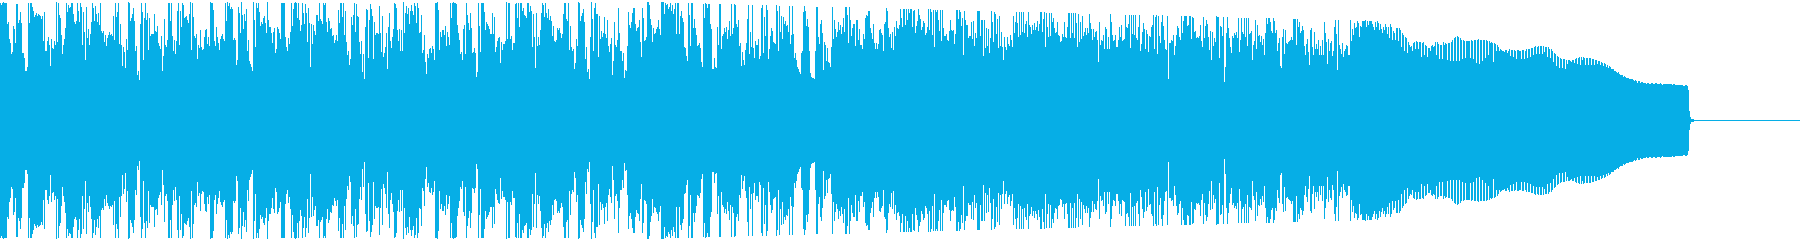 カントリー風ギターイントロ−05の再生済みの波形